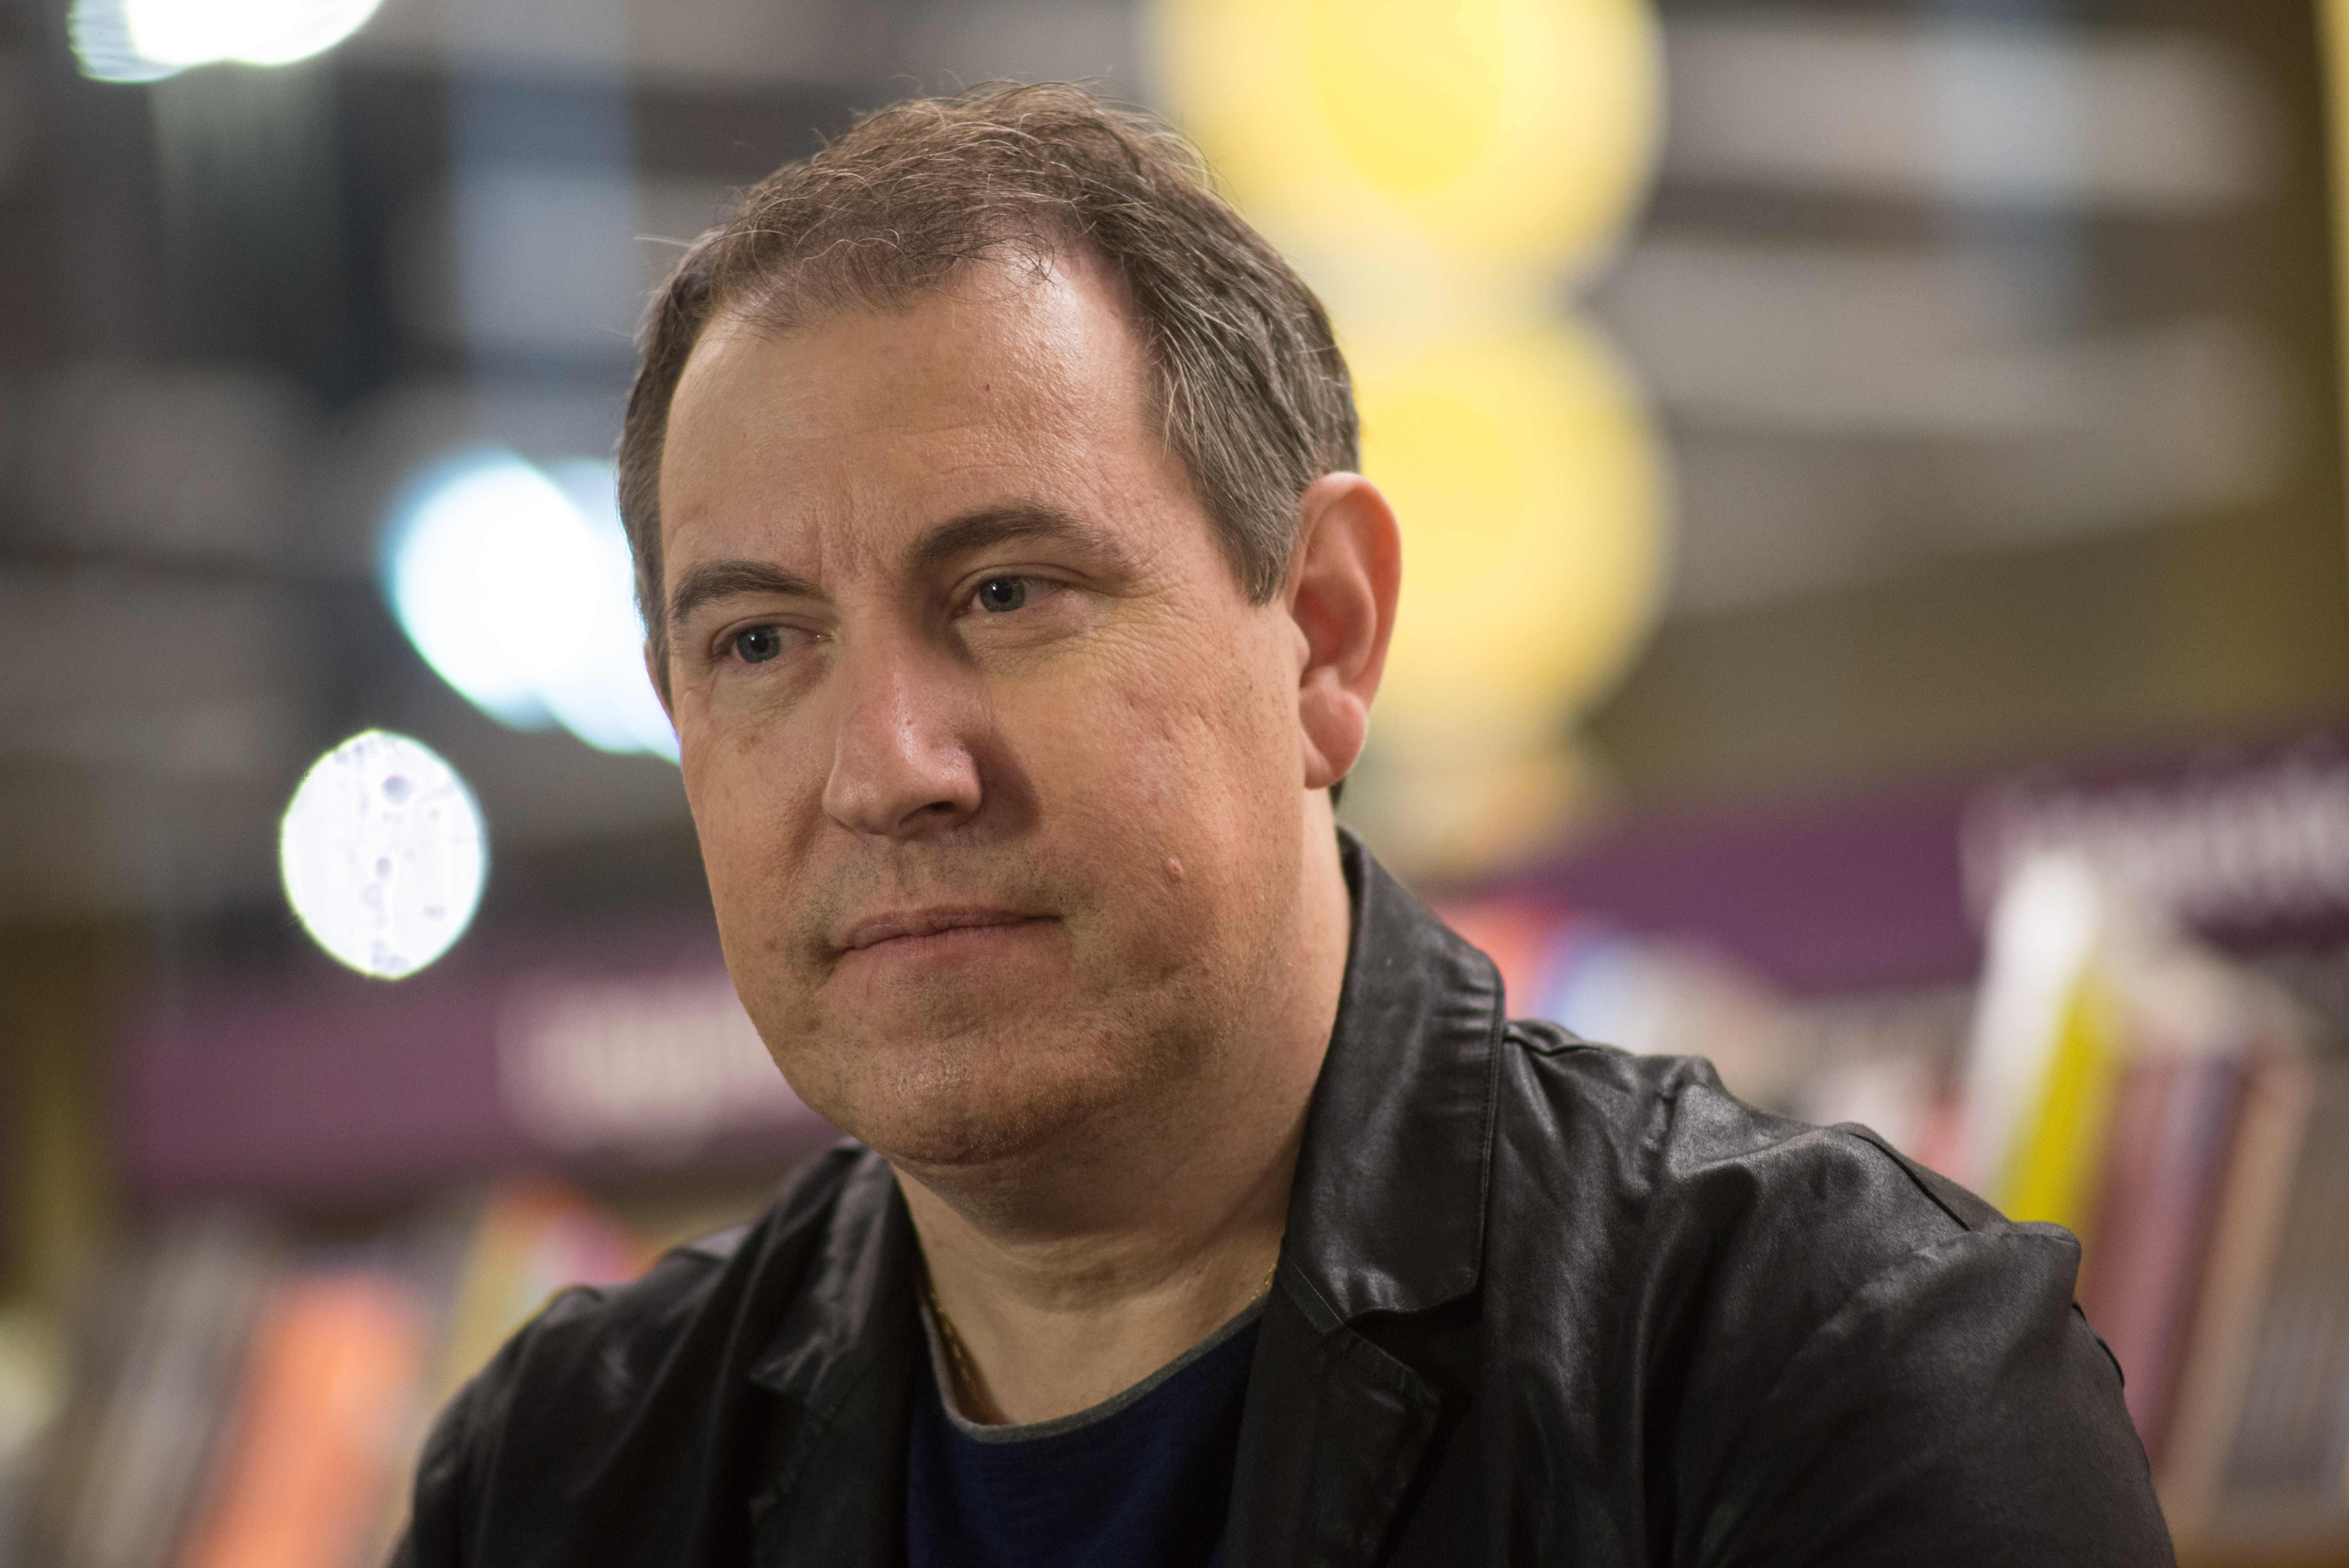 El periodista brasileño falleció en un partido de futbol. (Foto Prensa Libre: AFP)